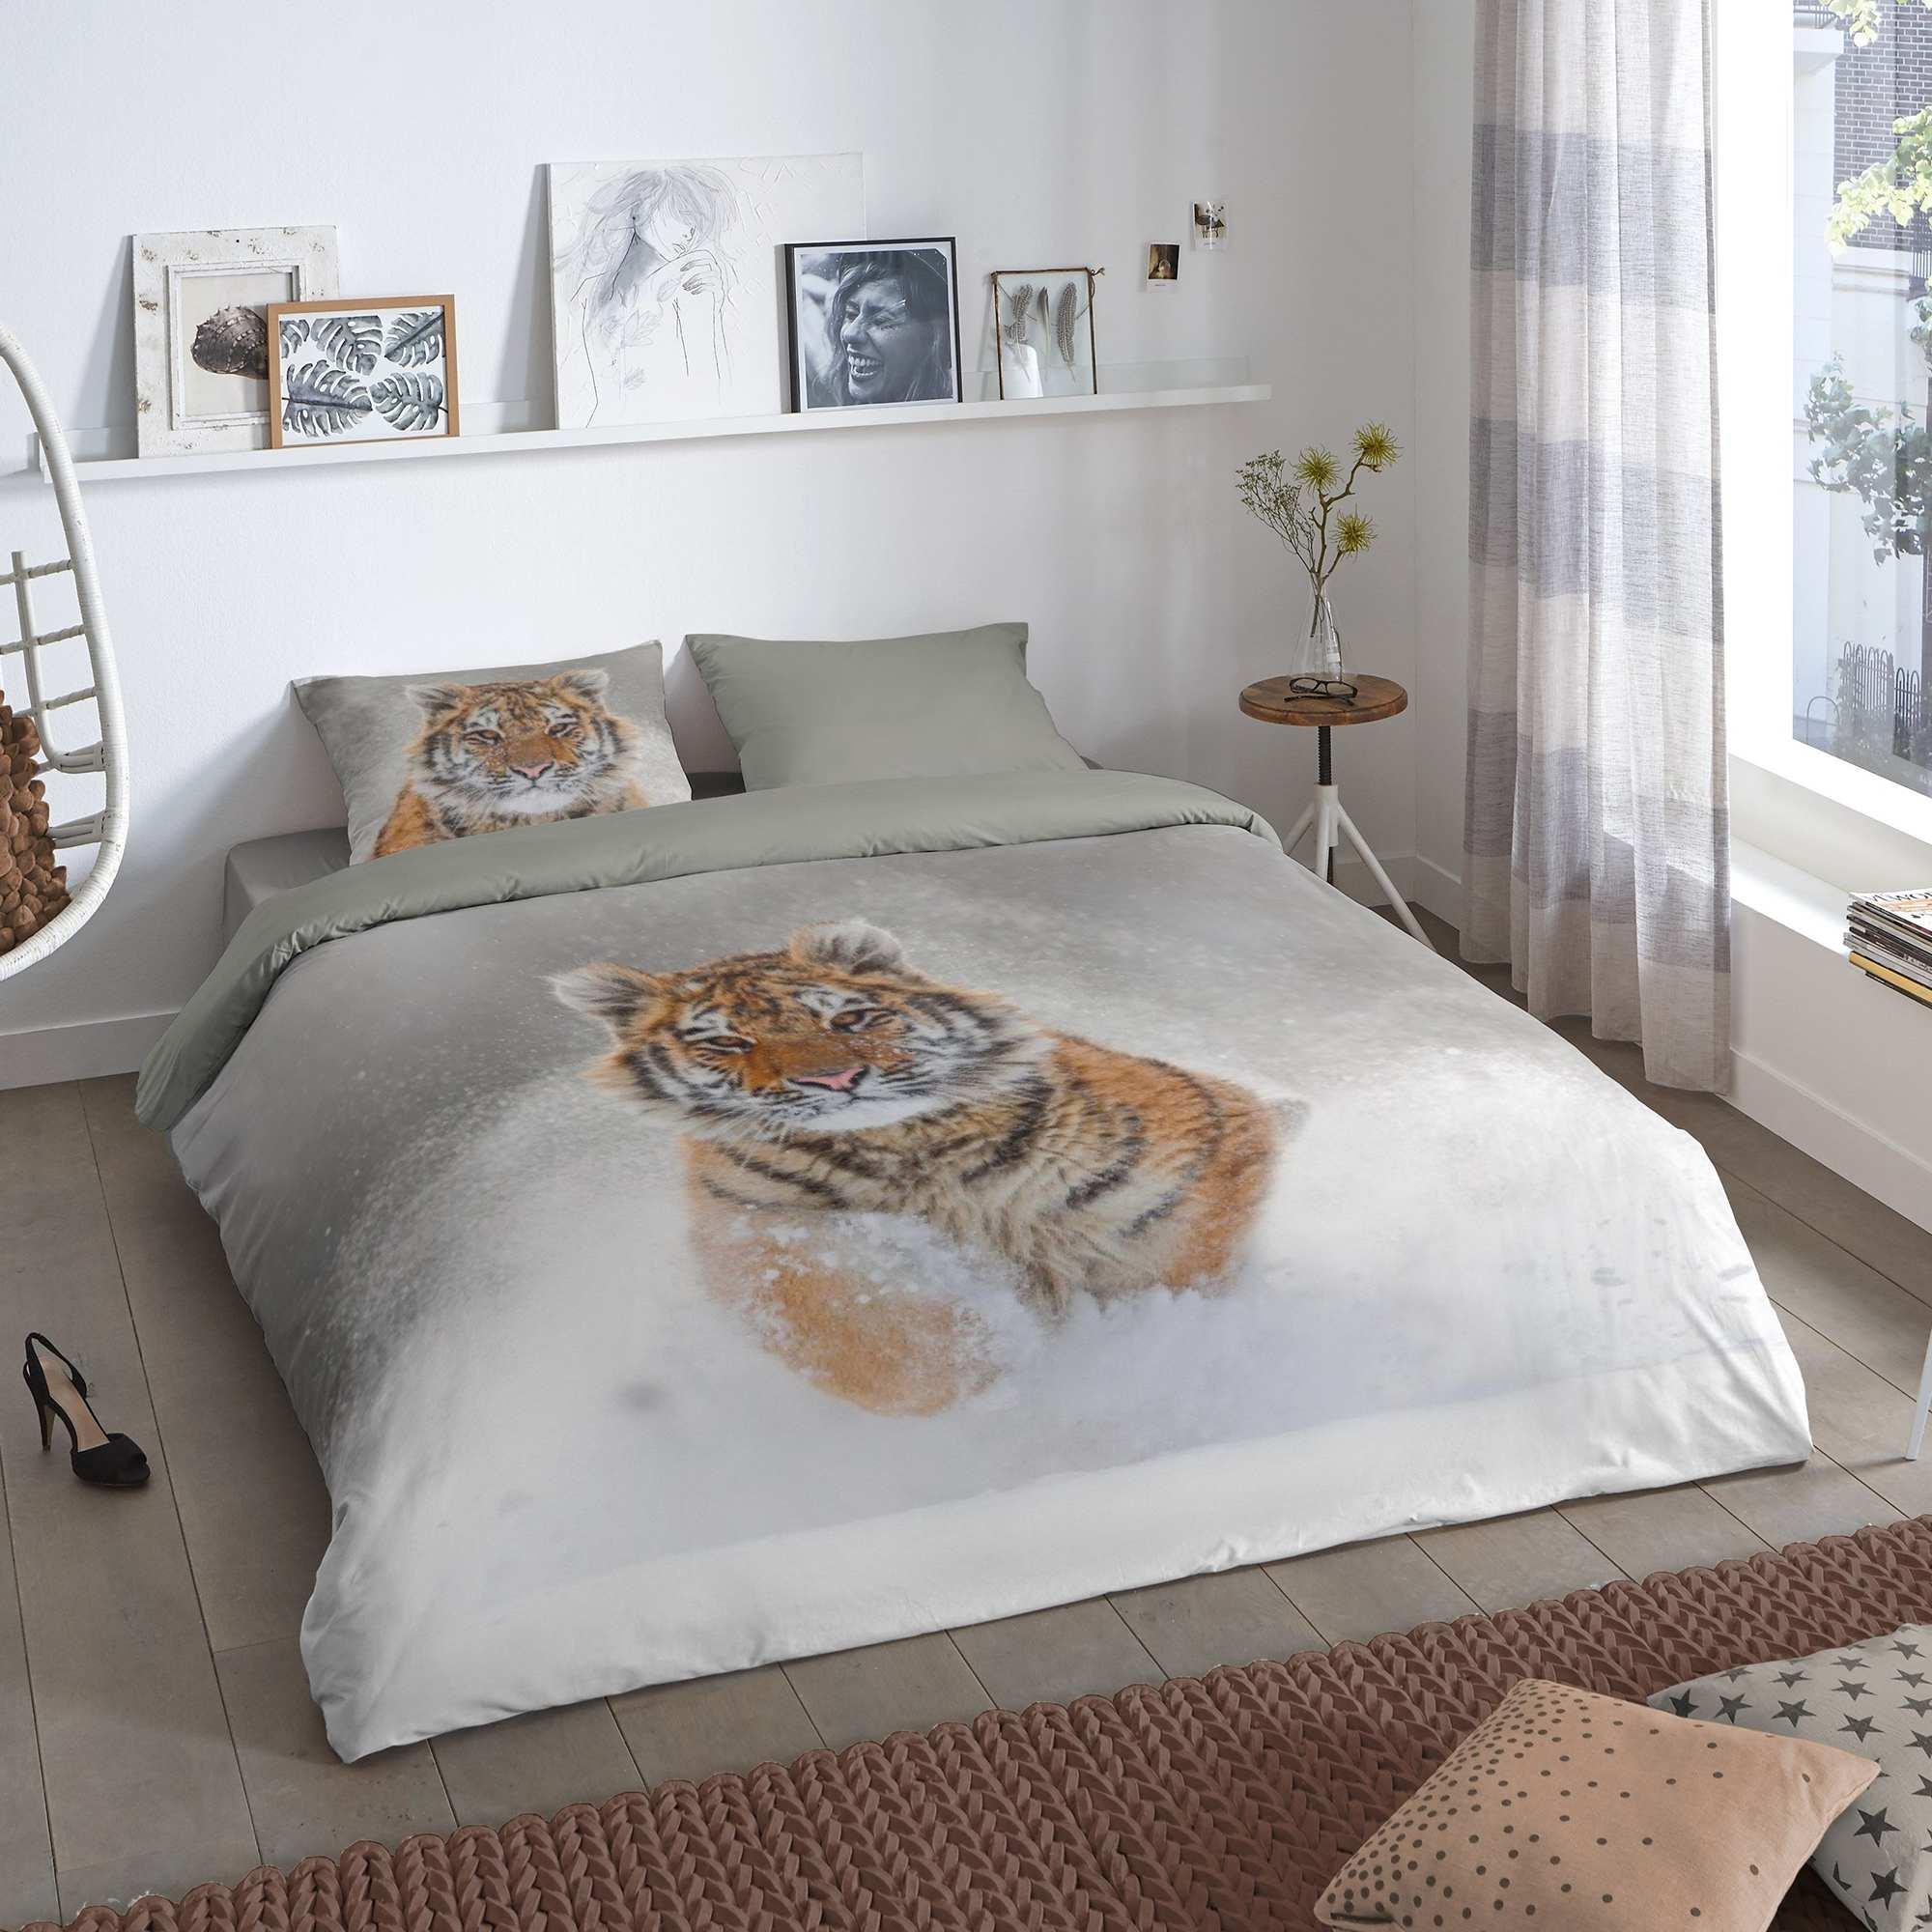 parure de lit 2 personnes imprim 39 tigre 39 linge de lit. Black Bedroom Furniture Sets. Home Design Ideas